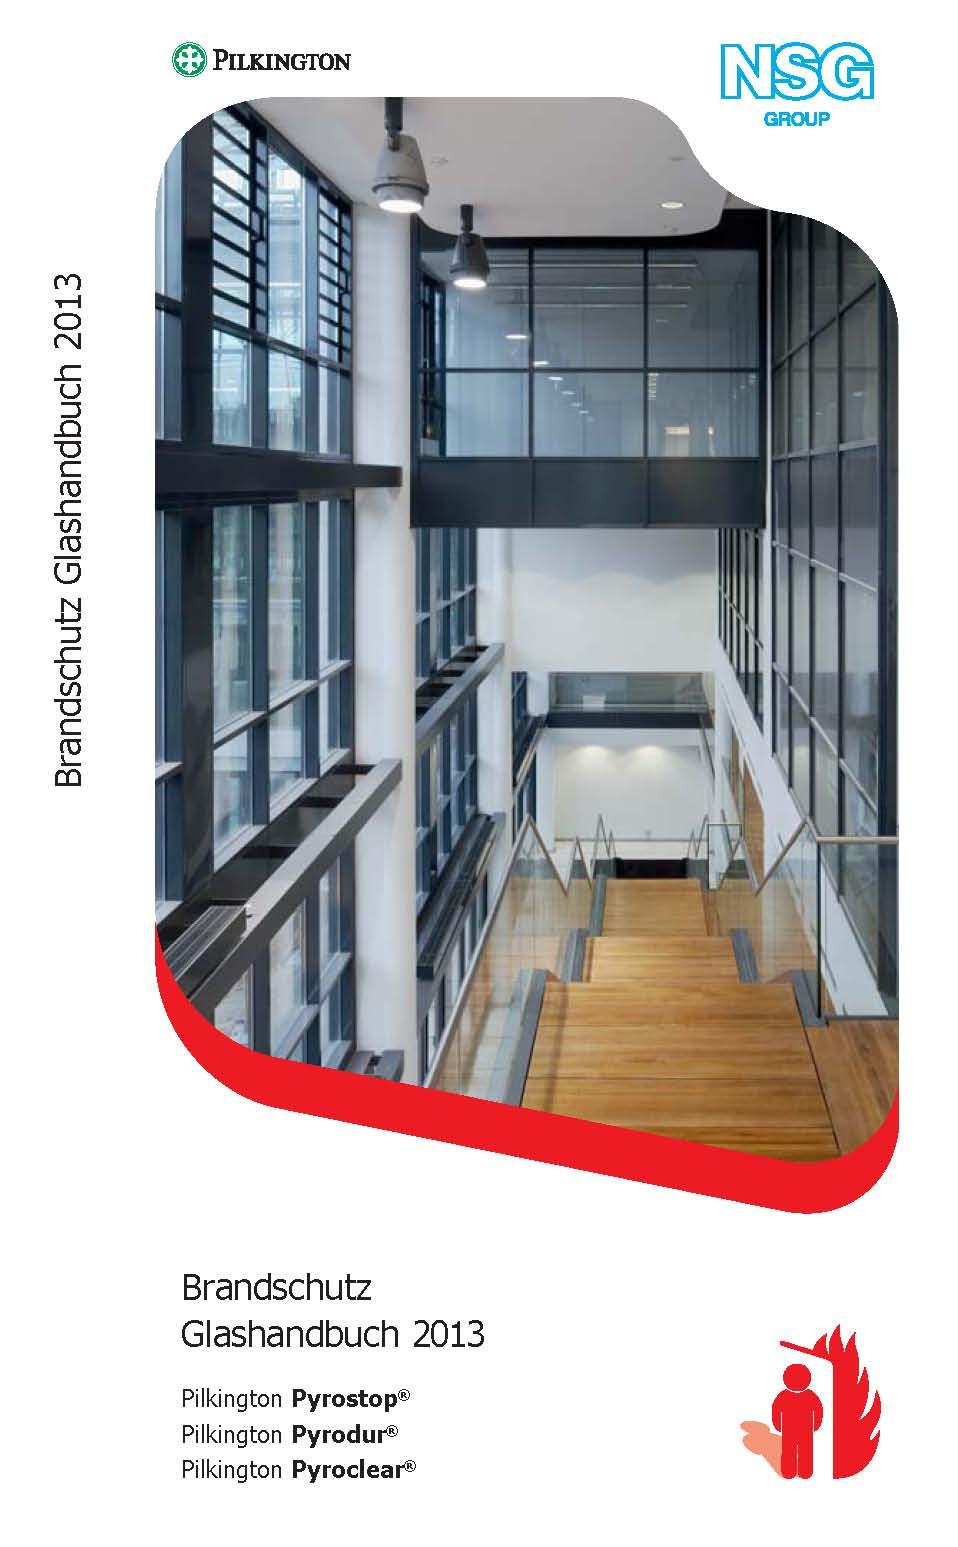 das brandschutz glashandbuch 2013. Black Bedroom Furniture Sets. Home Design Ideas